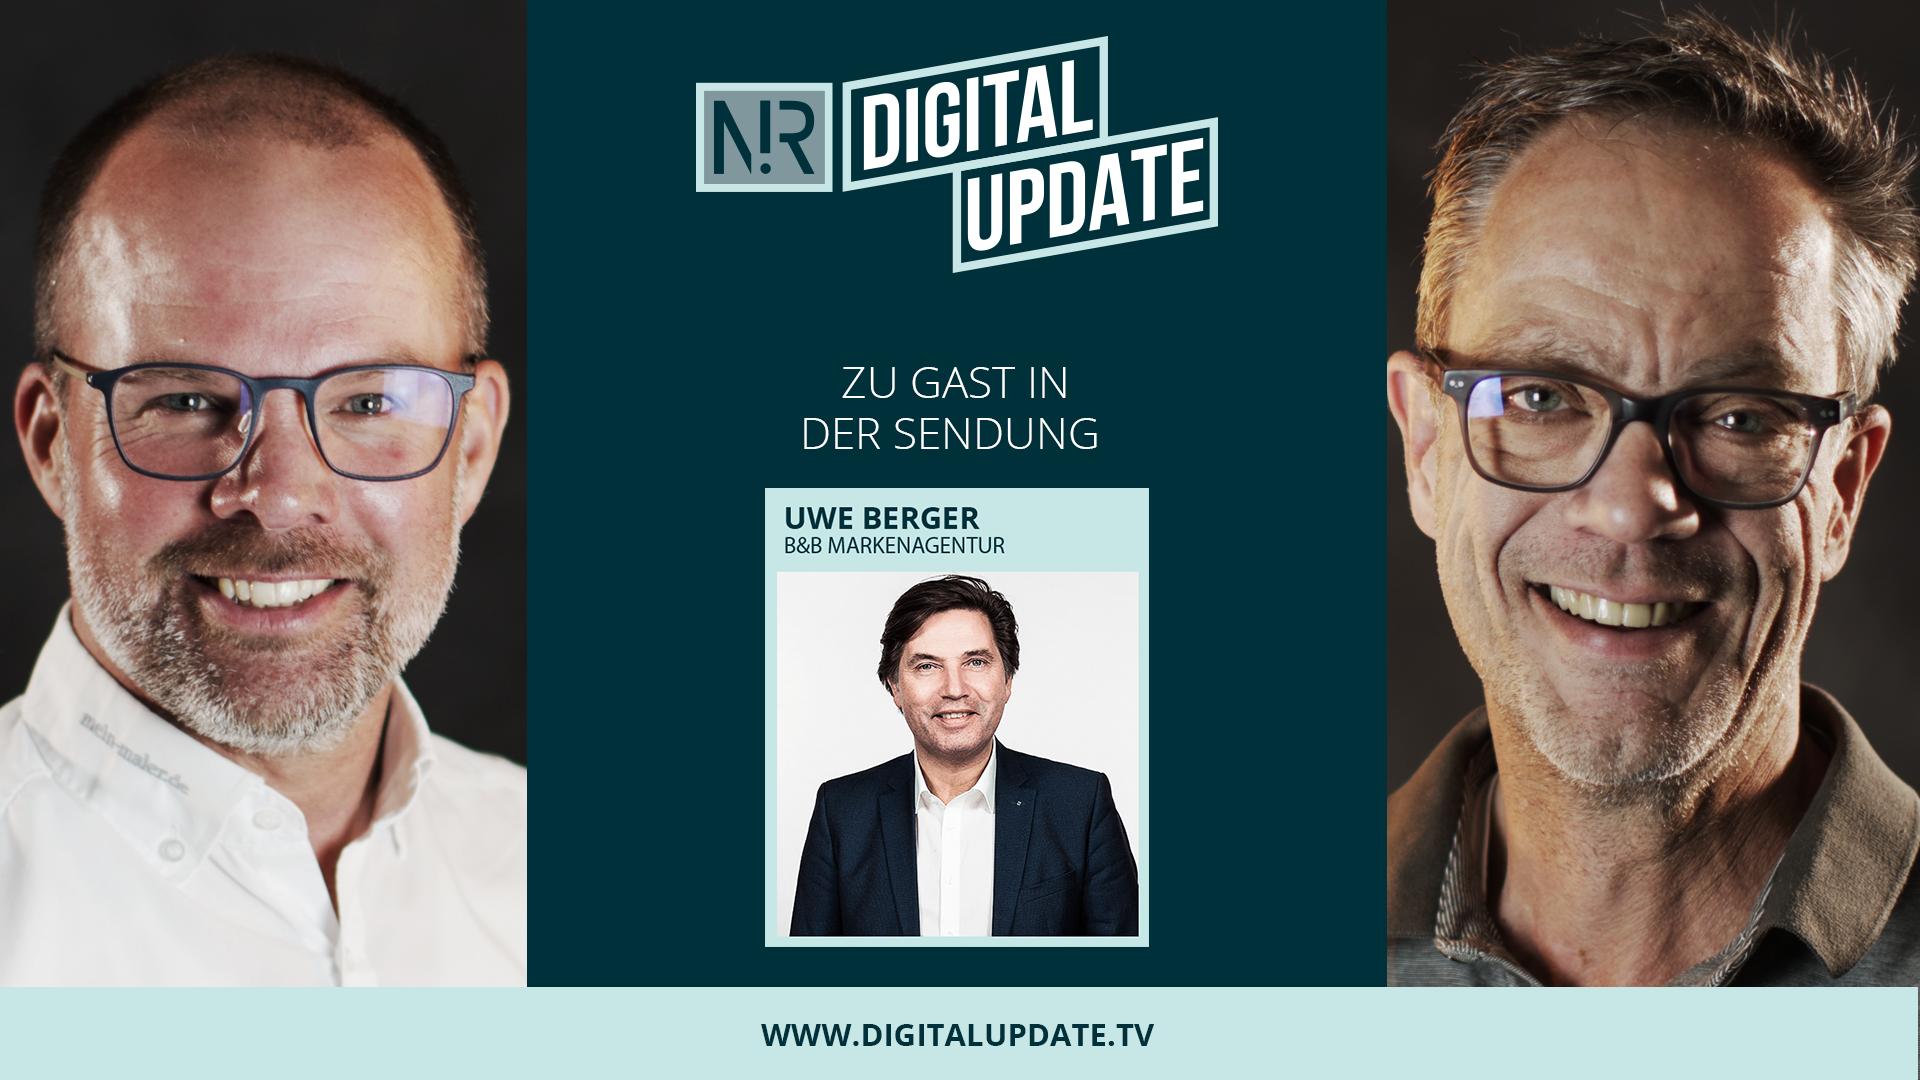 N!R digitalupdate #20 mit Carsten Meiners und Uwe Berger